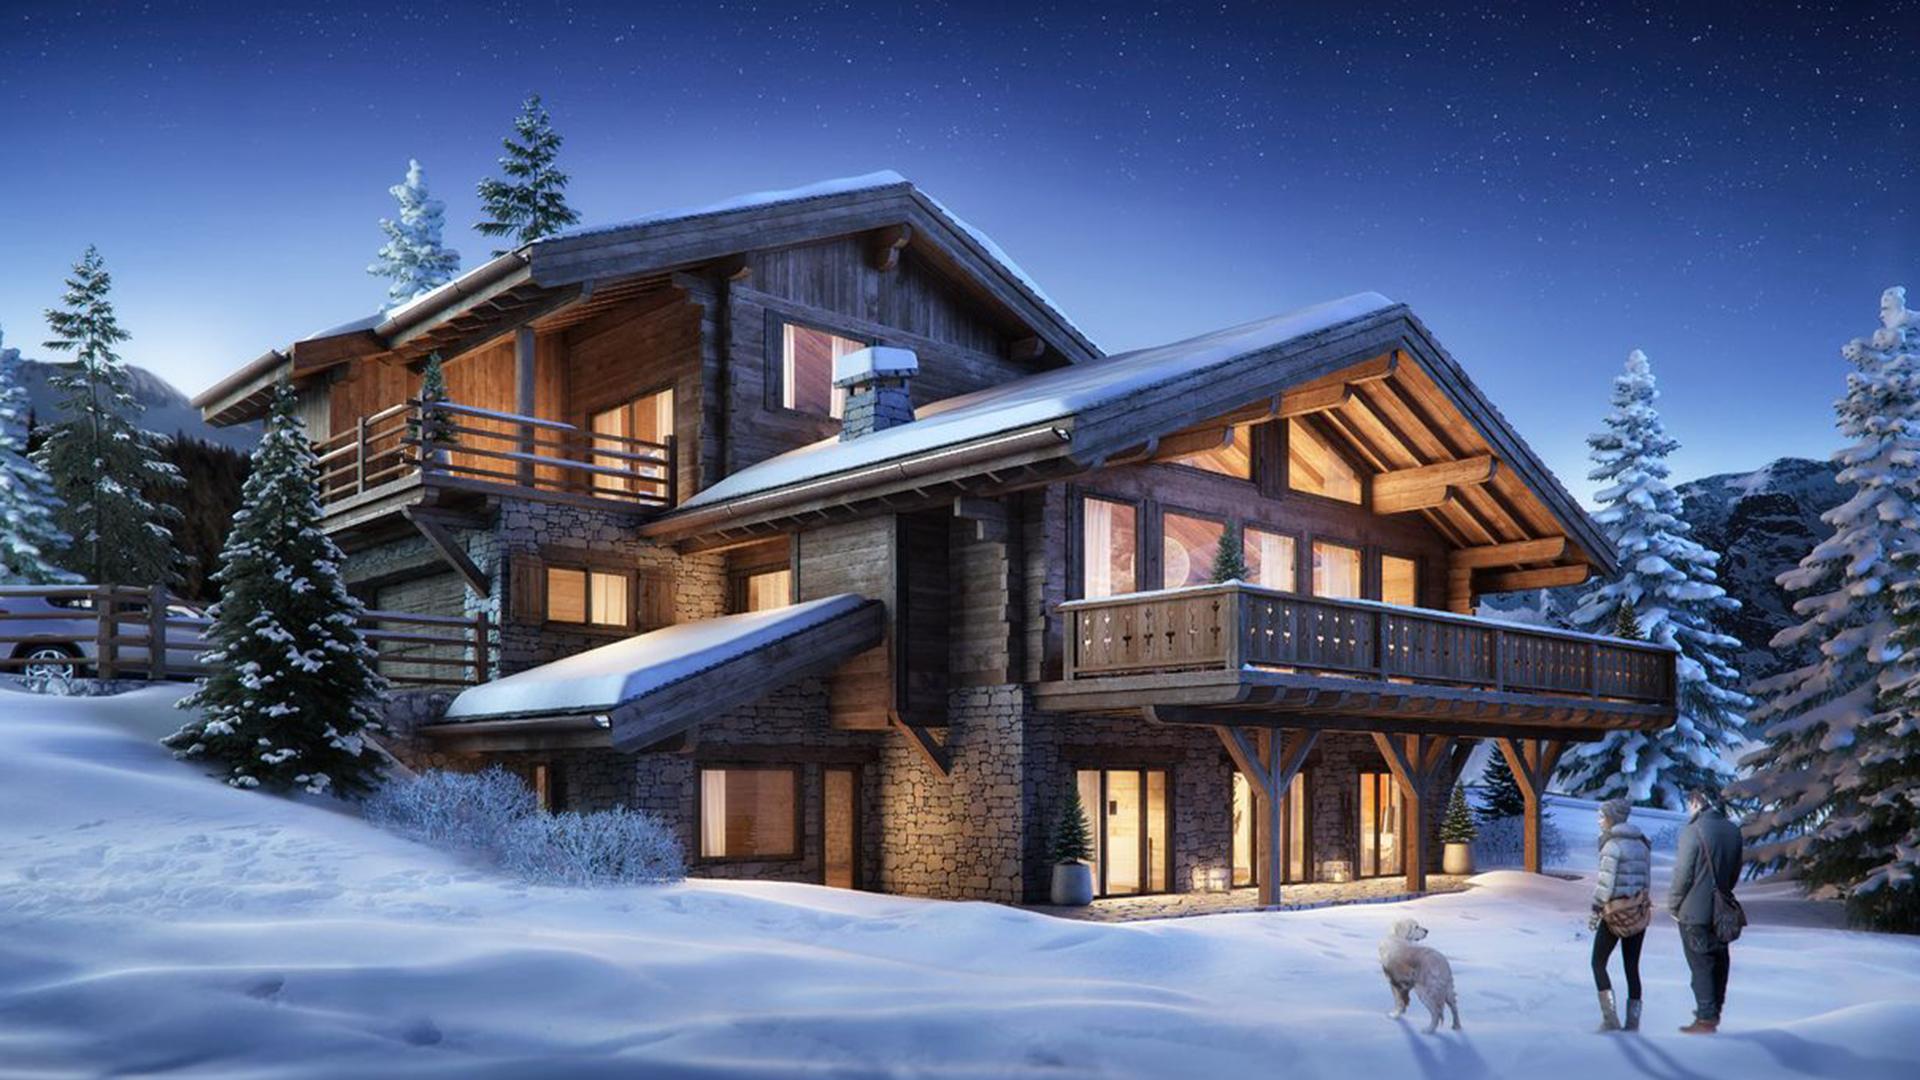 Chalet Foulon Chalet, Switzerland